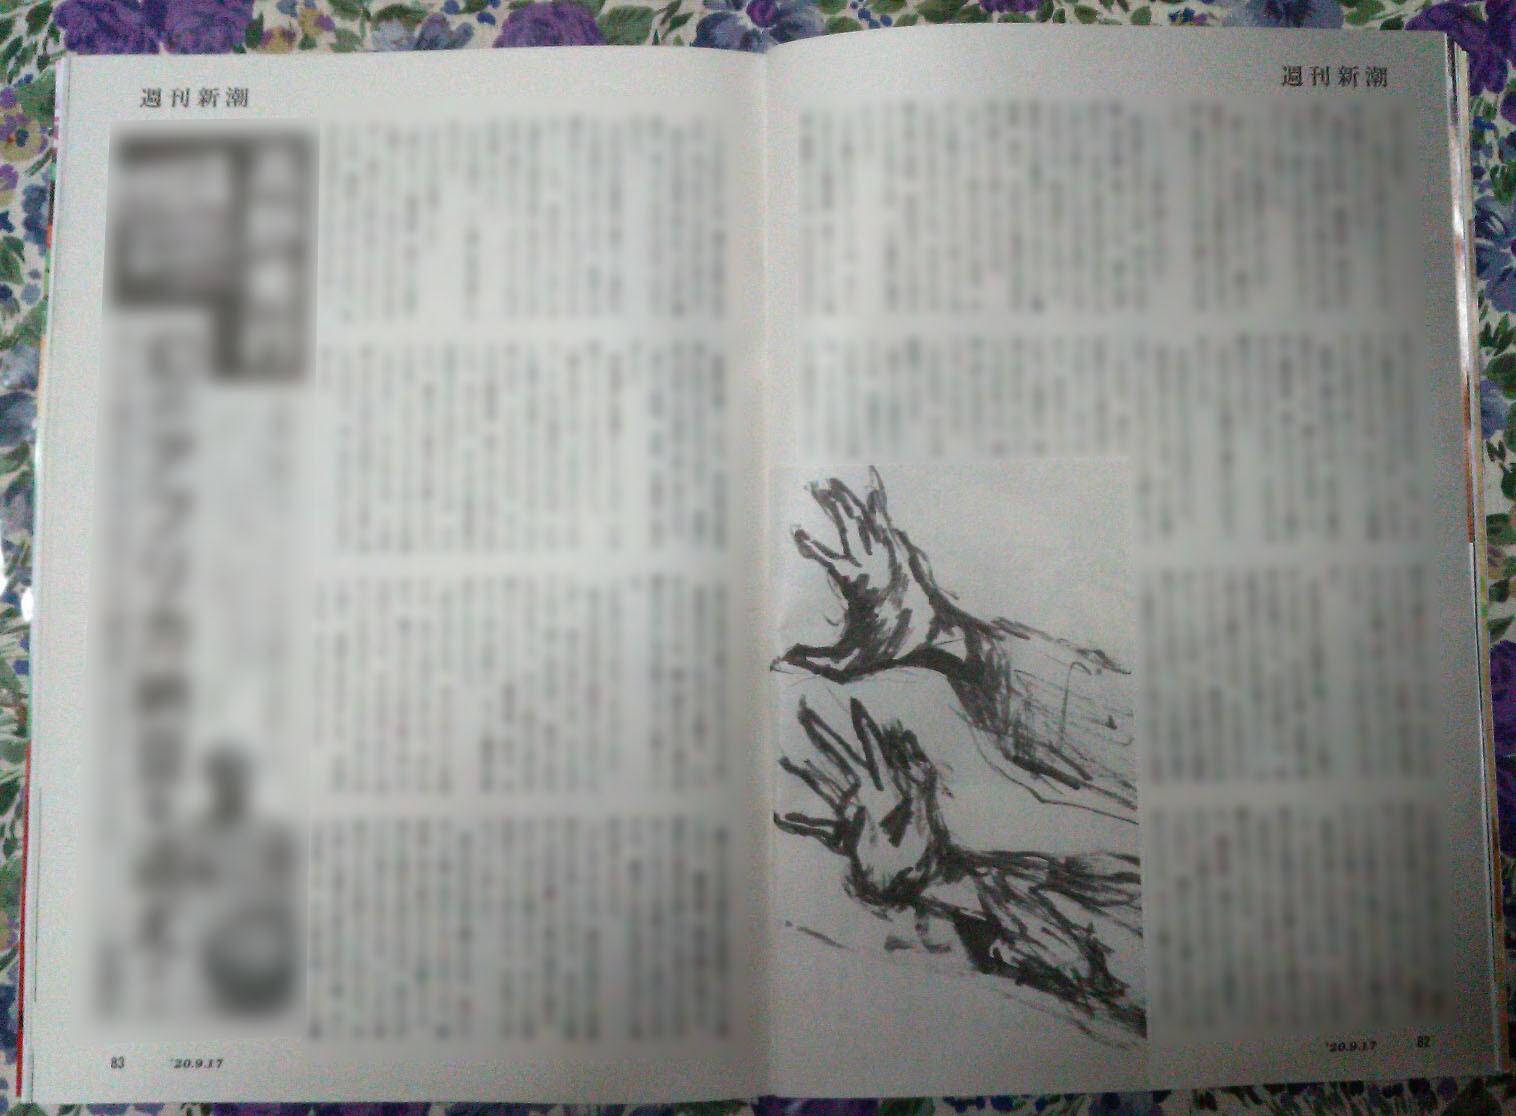 週刊新潮「雷神」挿絵 第35回_b0136144_01321568.jpg